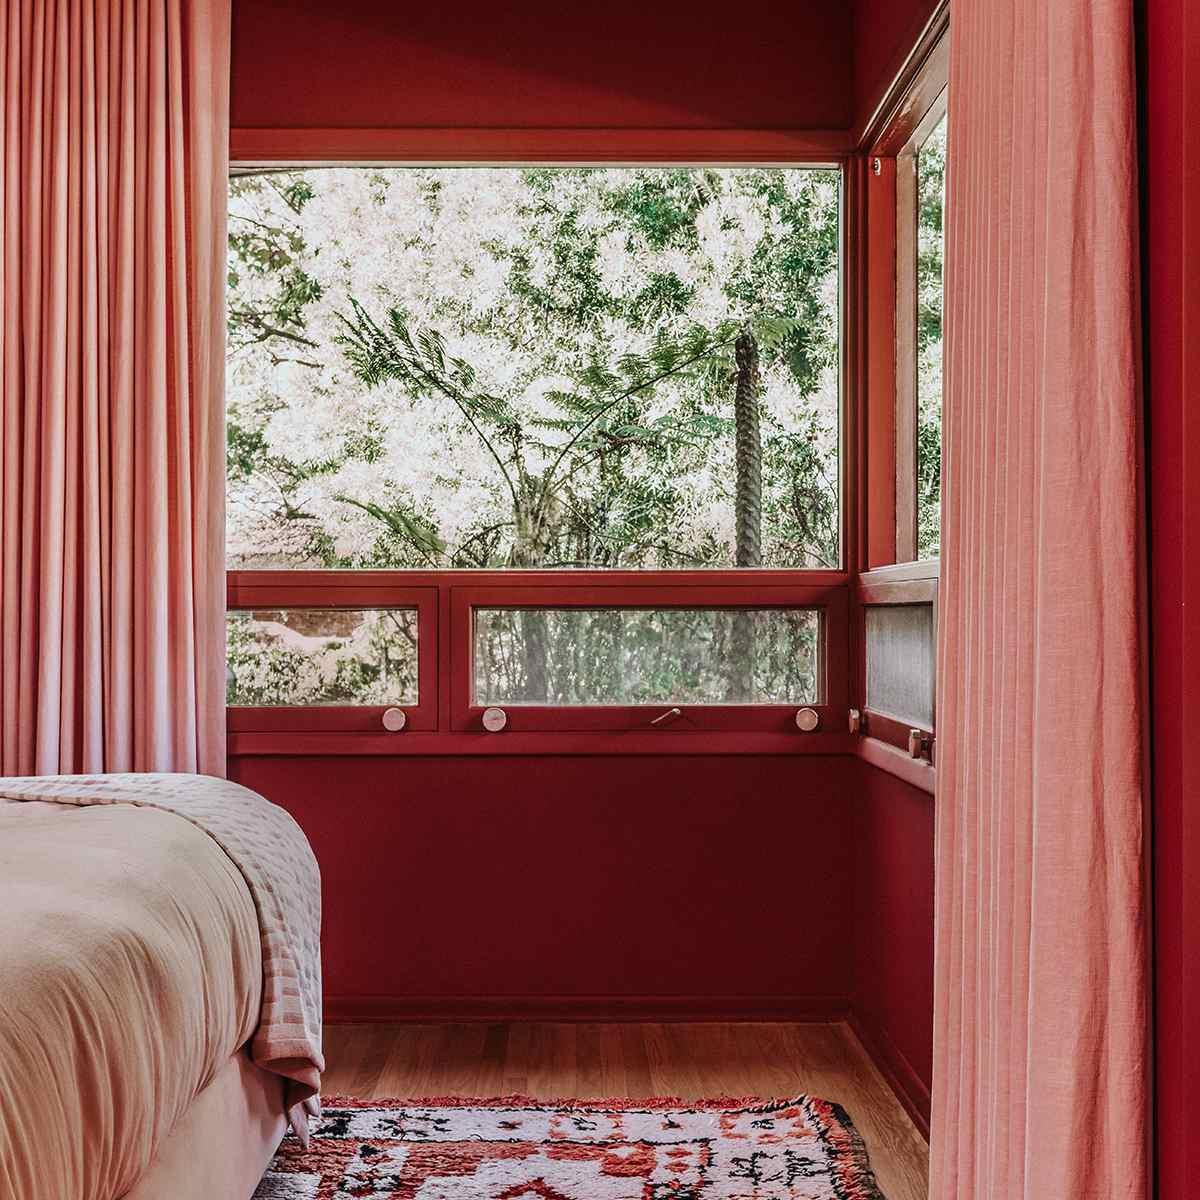 Dormitorio rojo brillante: diseño de mediados de siglo